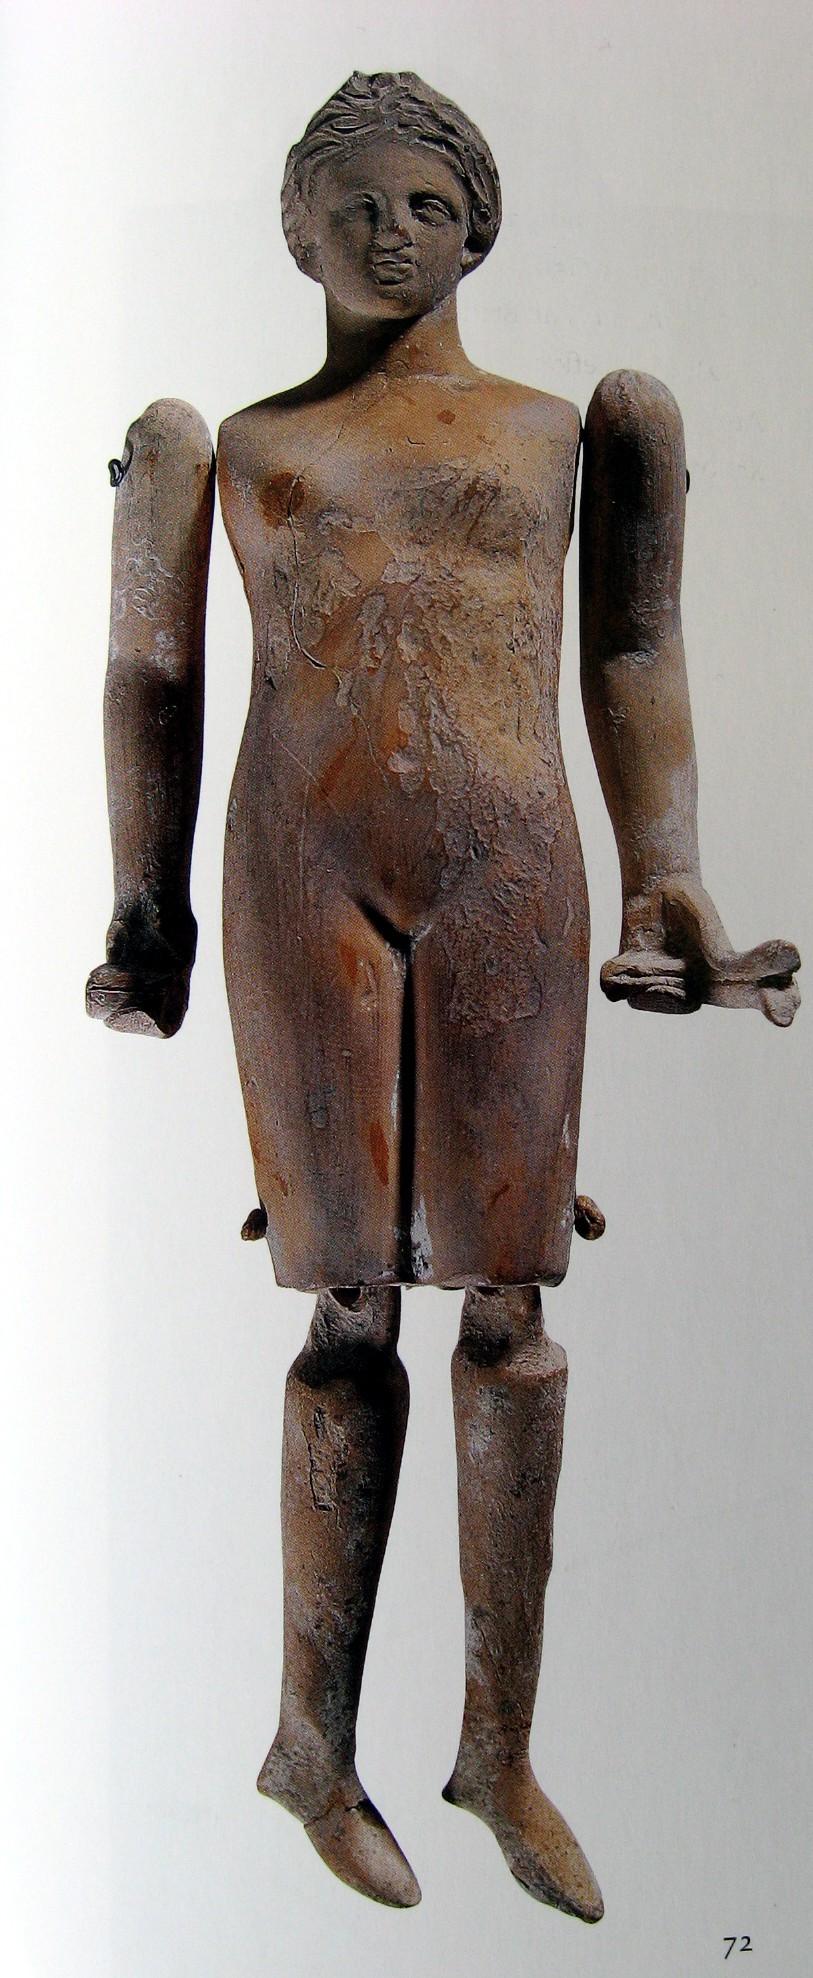 Risultati immagini per come si giocava nell'antica grecia